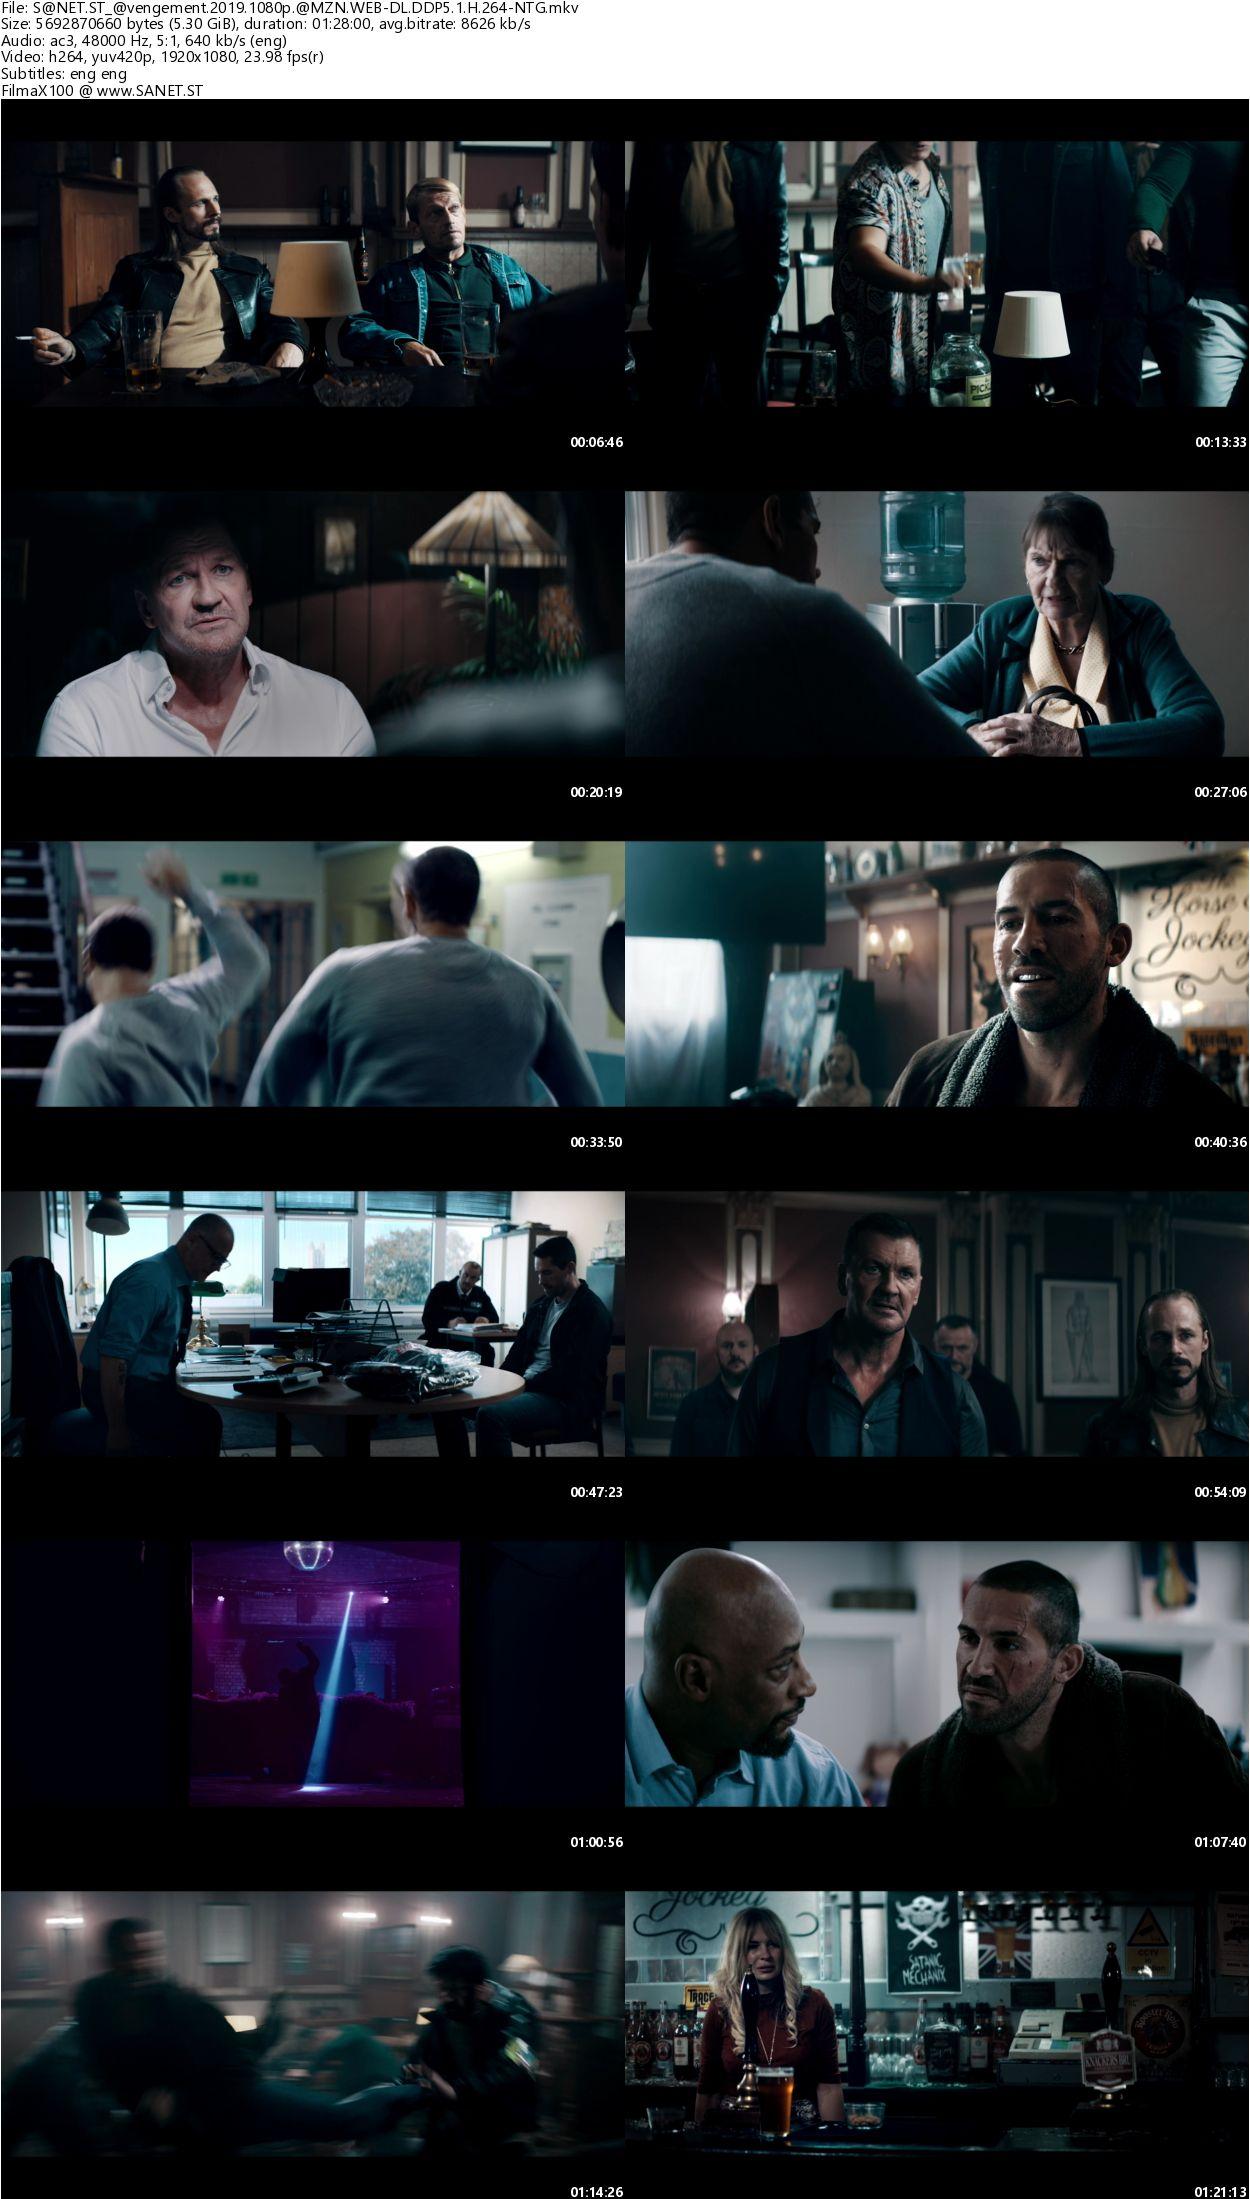 Avengement 2019 2 دانلود دوبله فارسی فیلم دیدنی و جذاب Avengement 2019